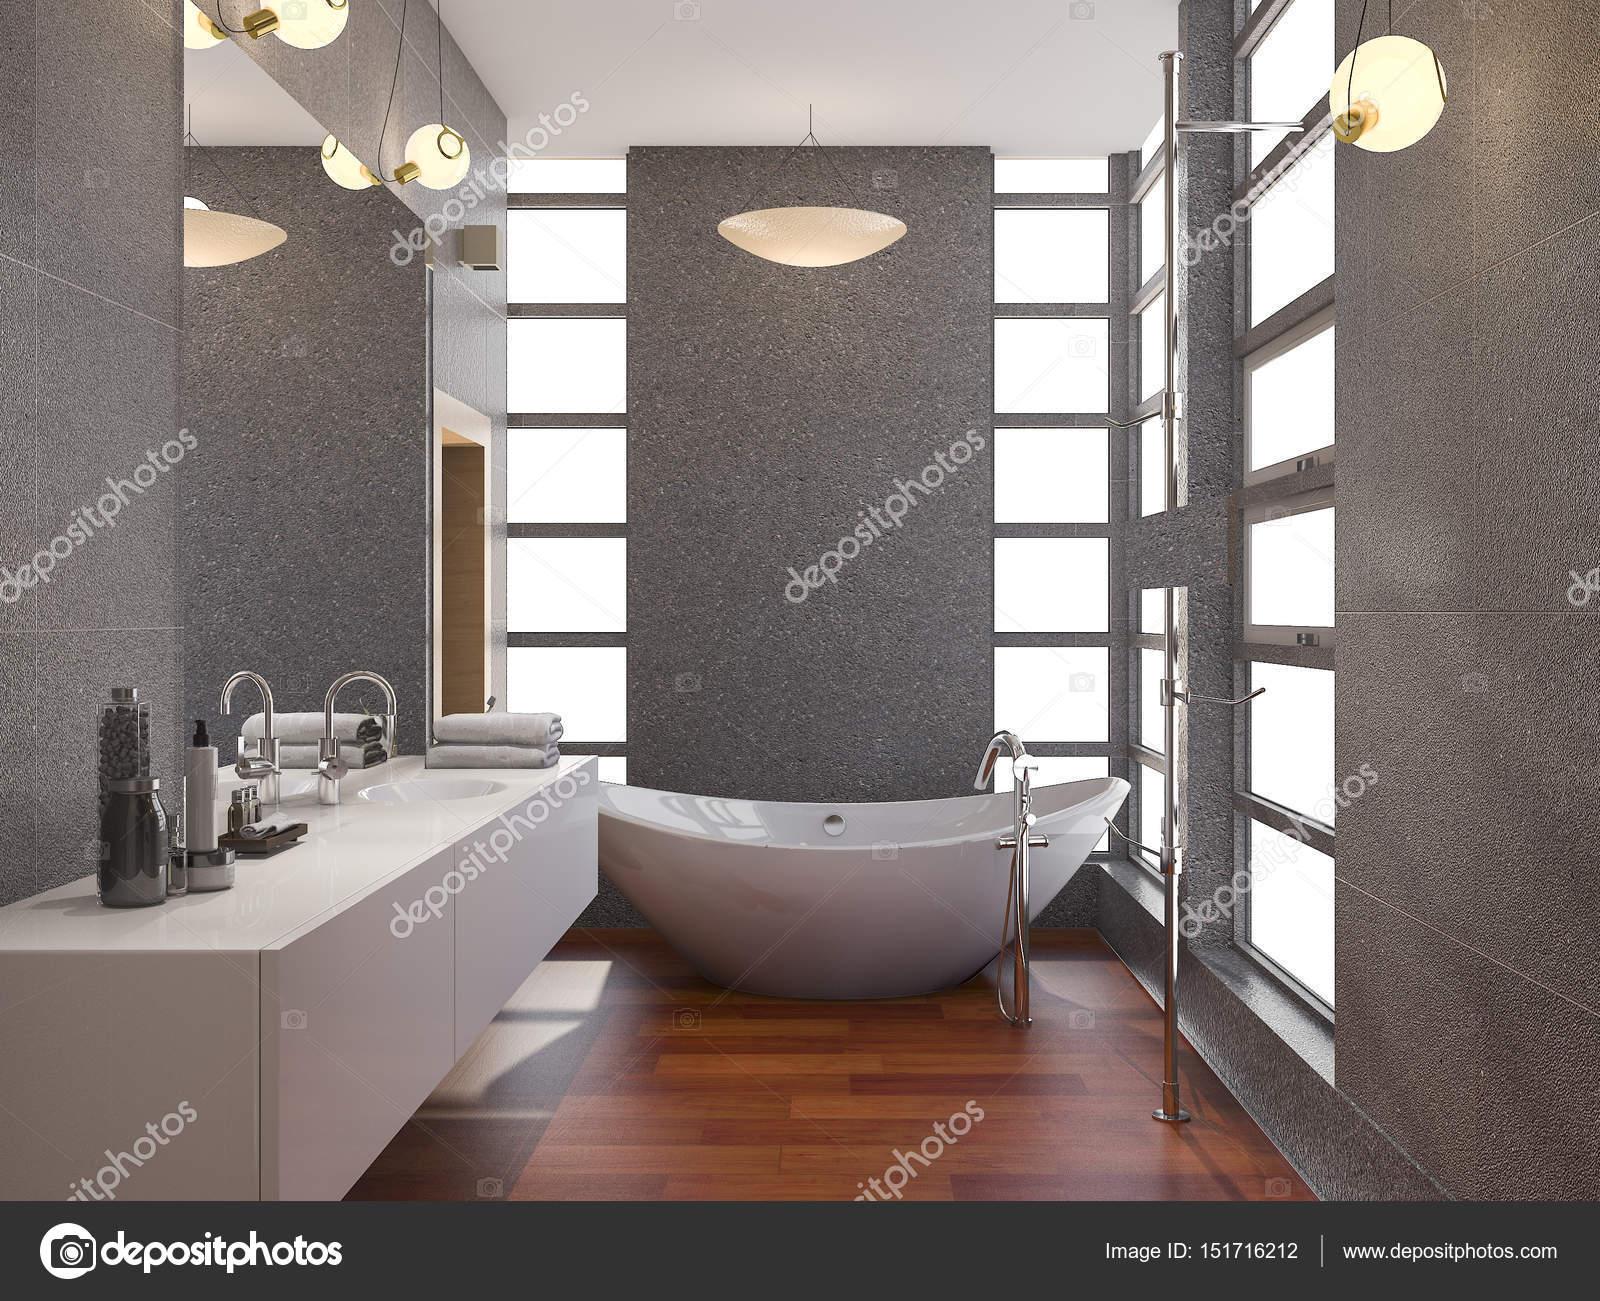 Badkamer Hout Natuursteen : Badkamer hout en natuursteen luxe badkamer met gebruik van